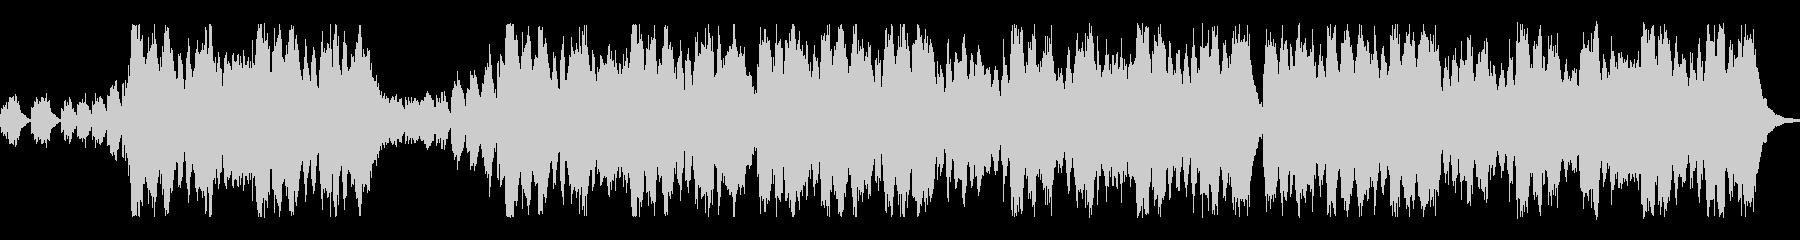 メンデルスゾーンの結婚行進曲の未再生の波形